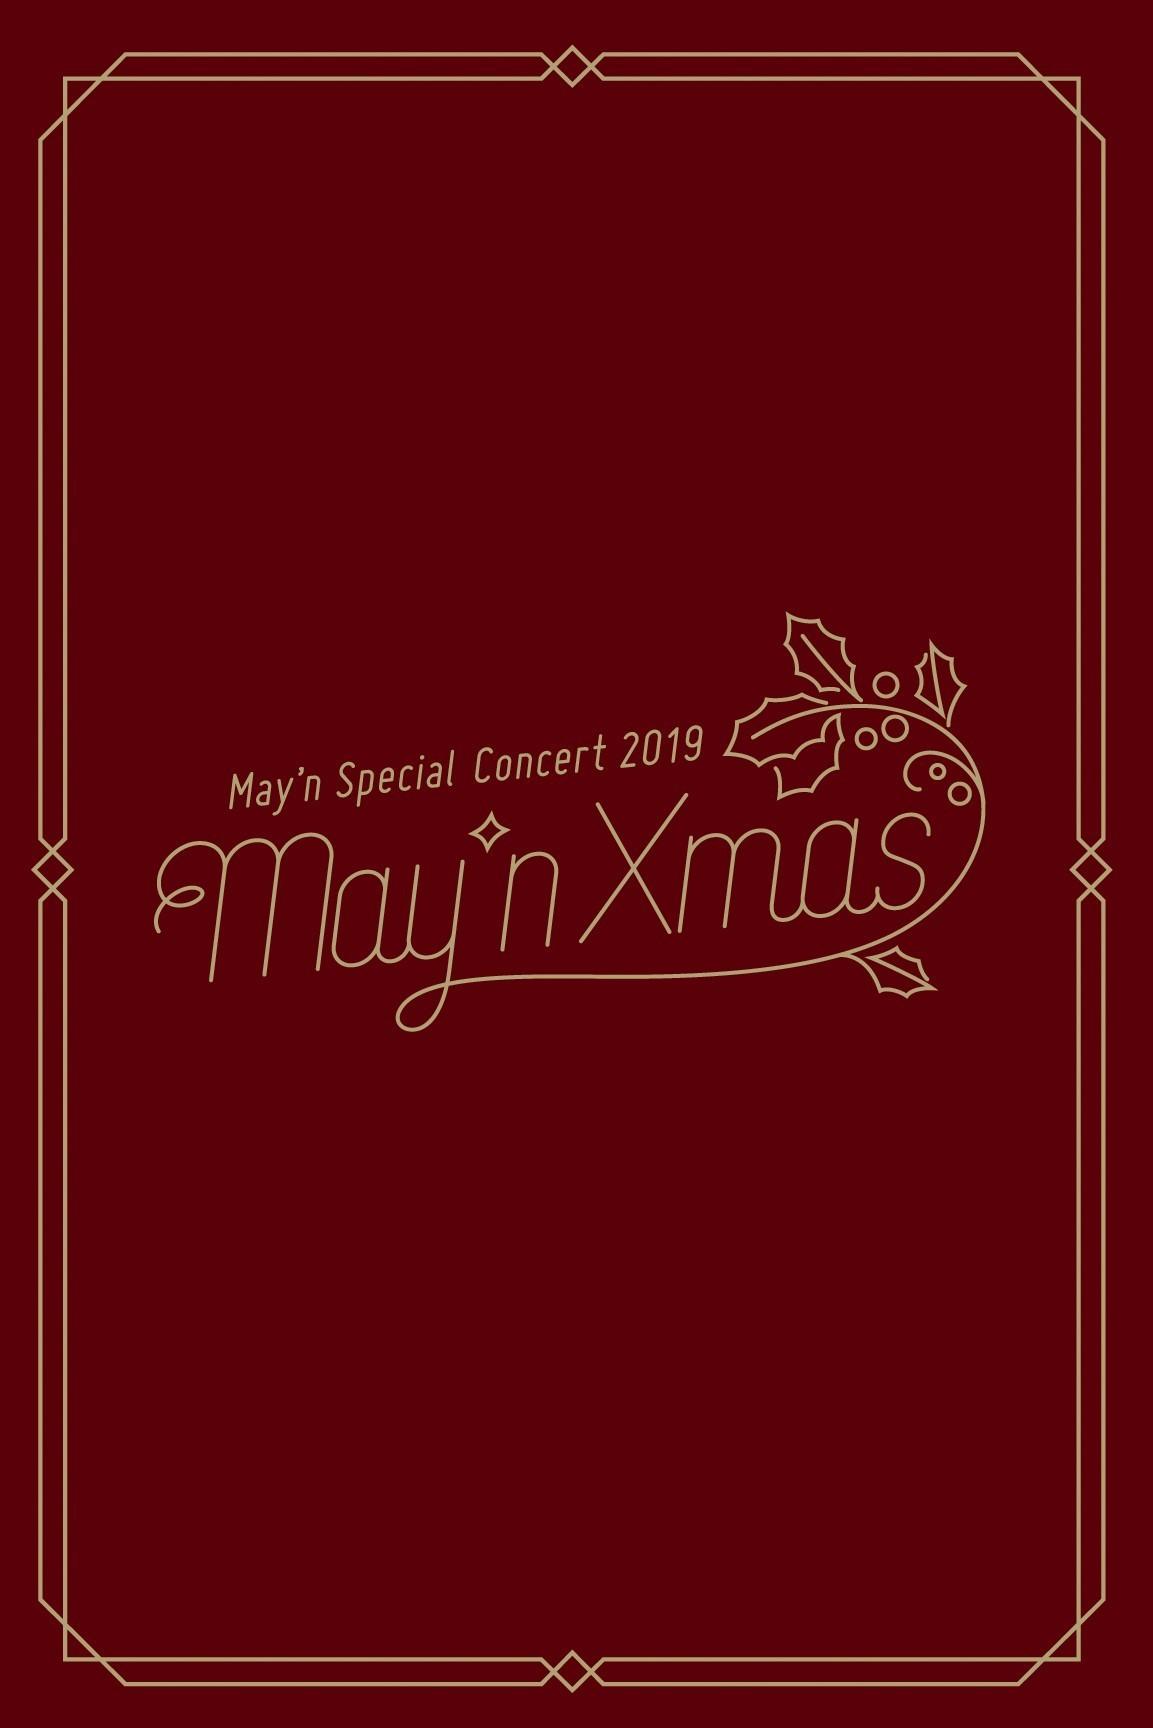 ポストカードサイズパンフレット May'n Special Concert 2019 「 May'n Xmas 」